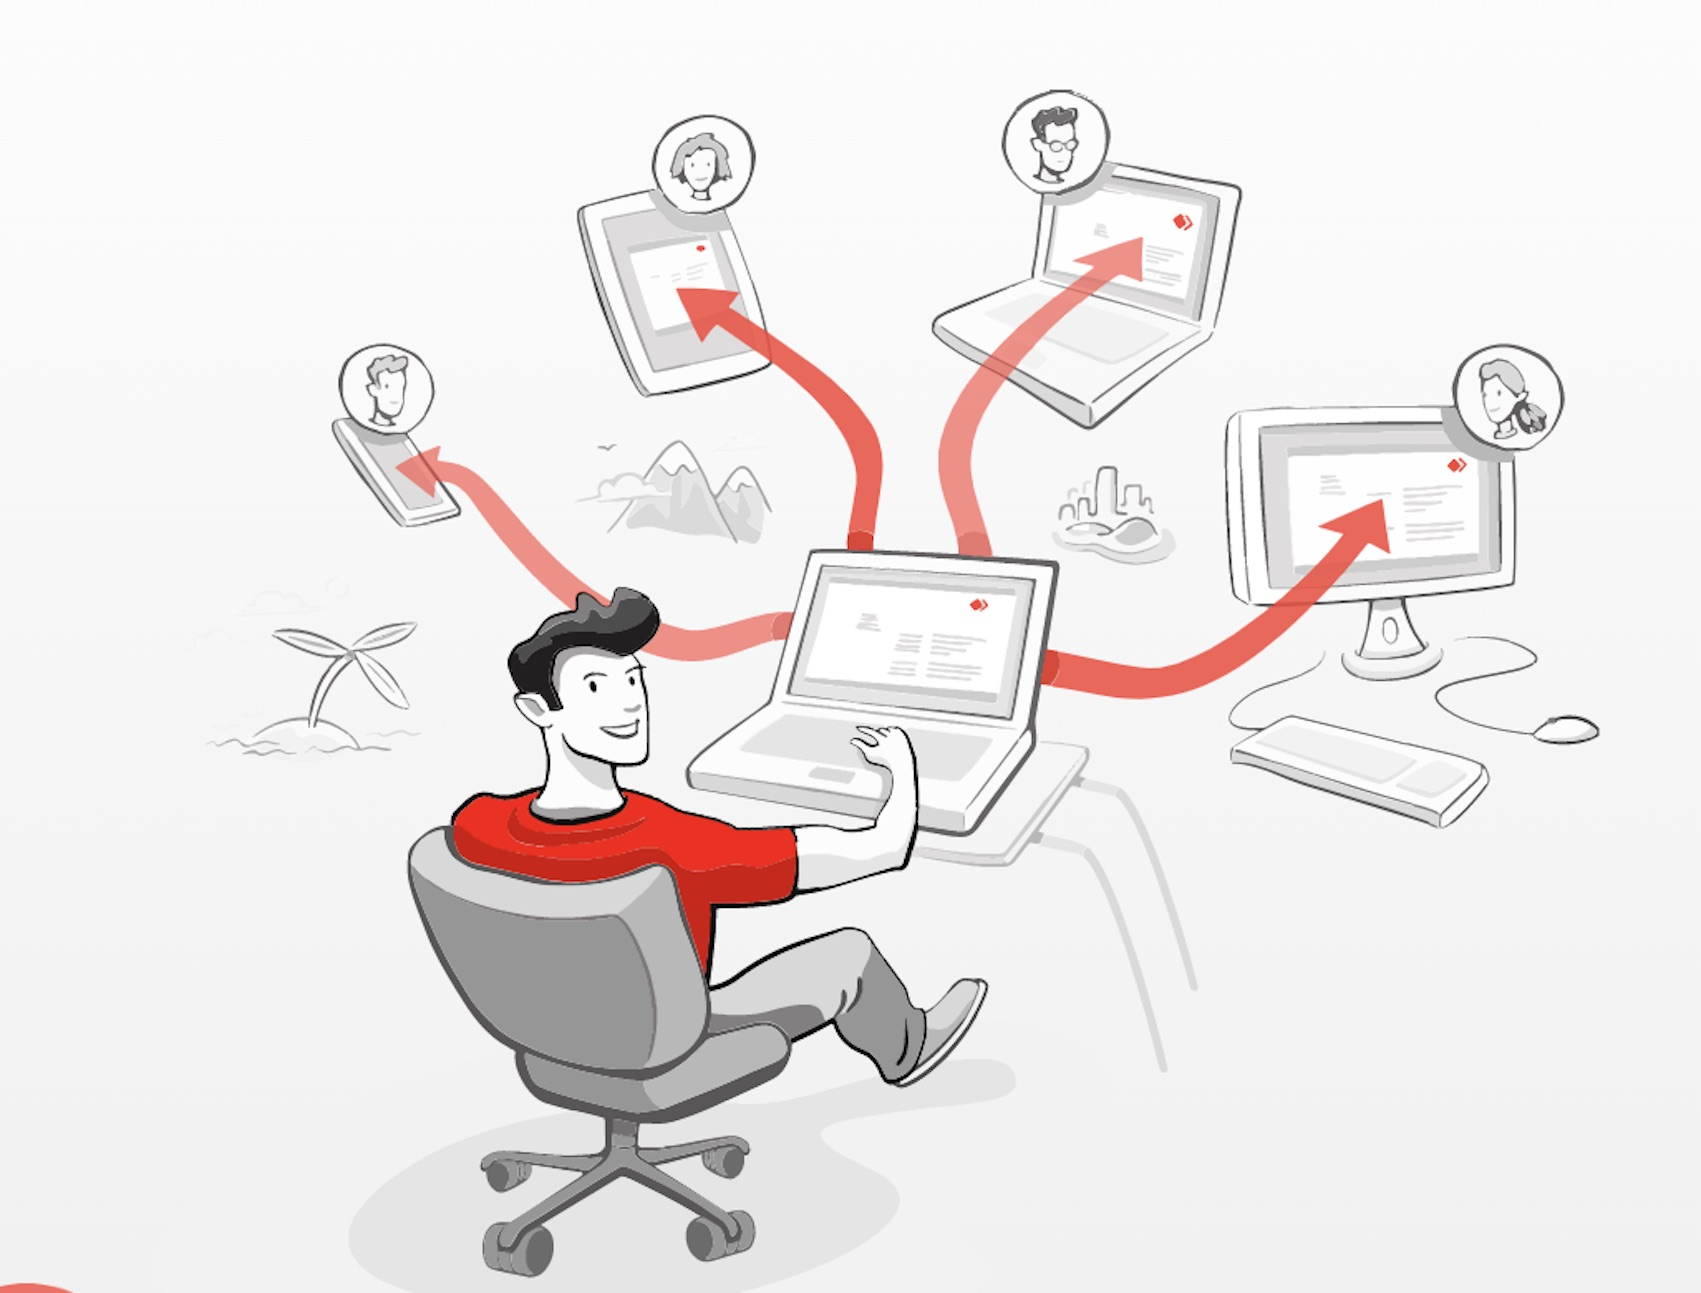 Anydesk für mich unbrauchbar (Foto: Anydesk)